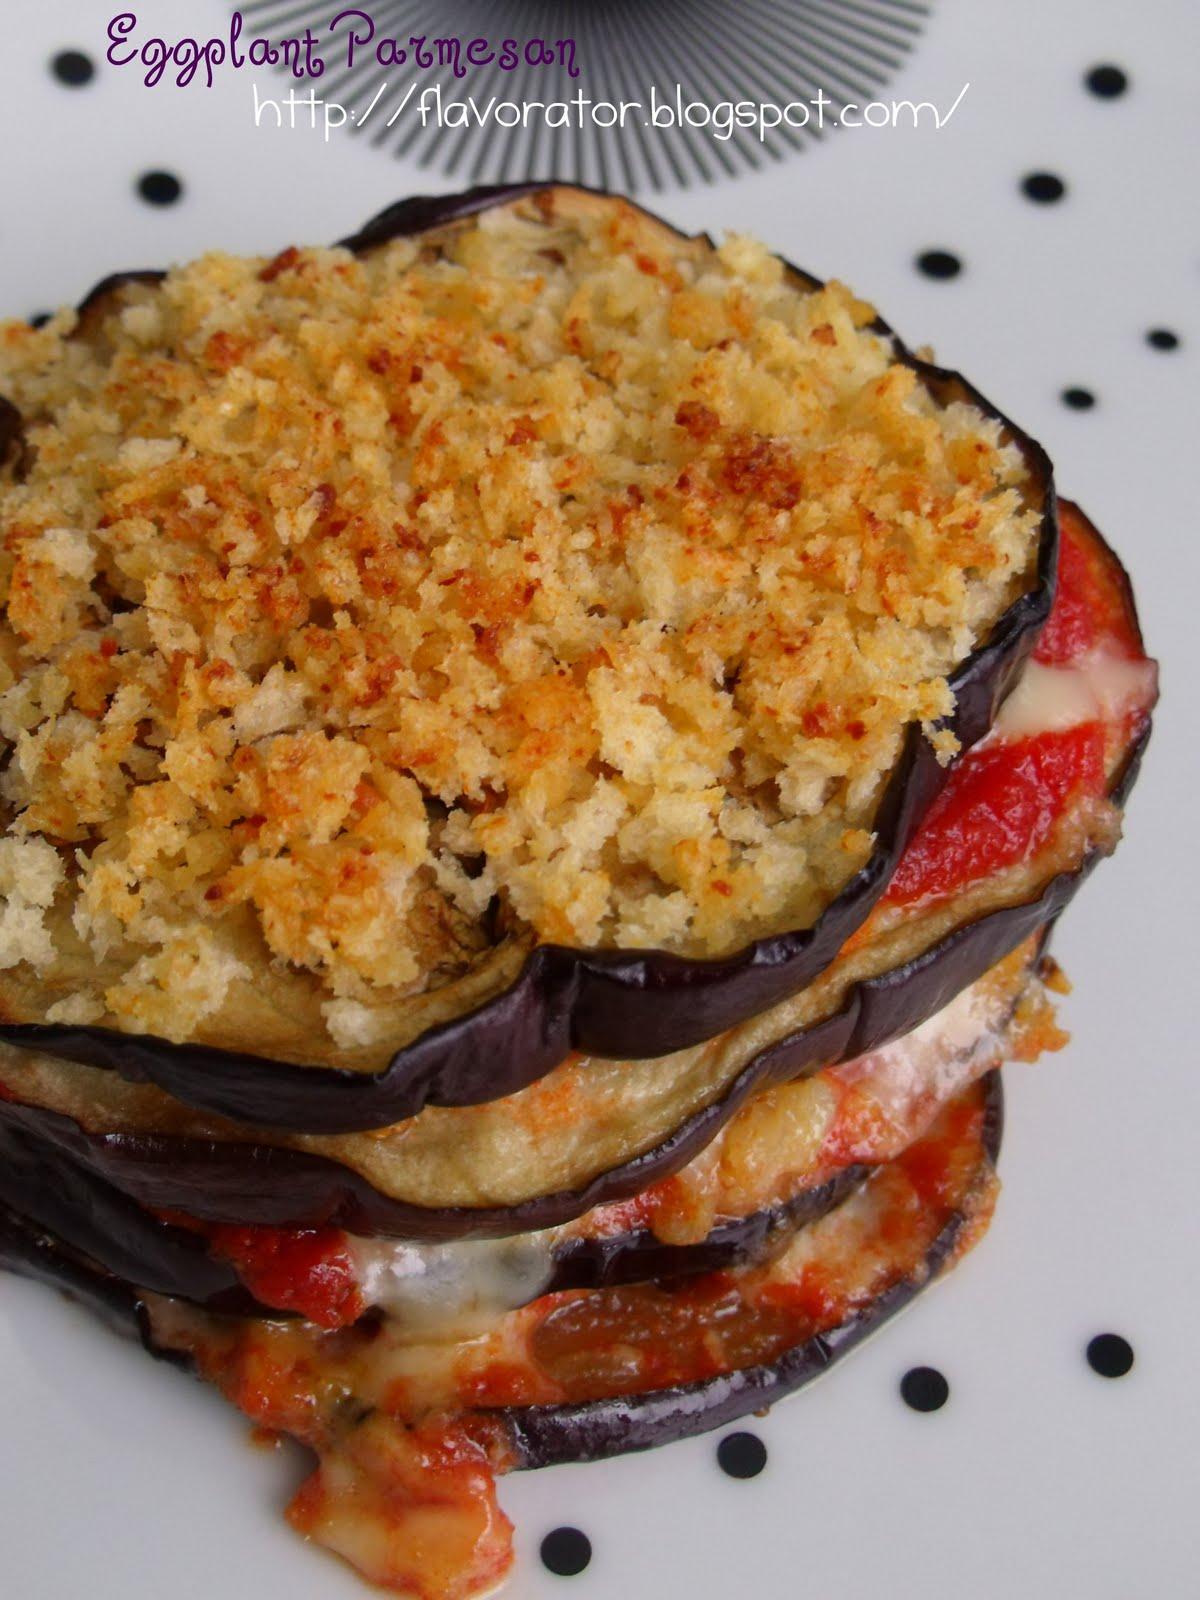 fLAVORATOr: Melanzane alla Parmigiana aka Eggplant Parmesan